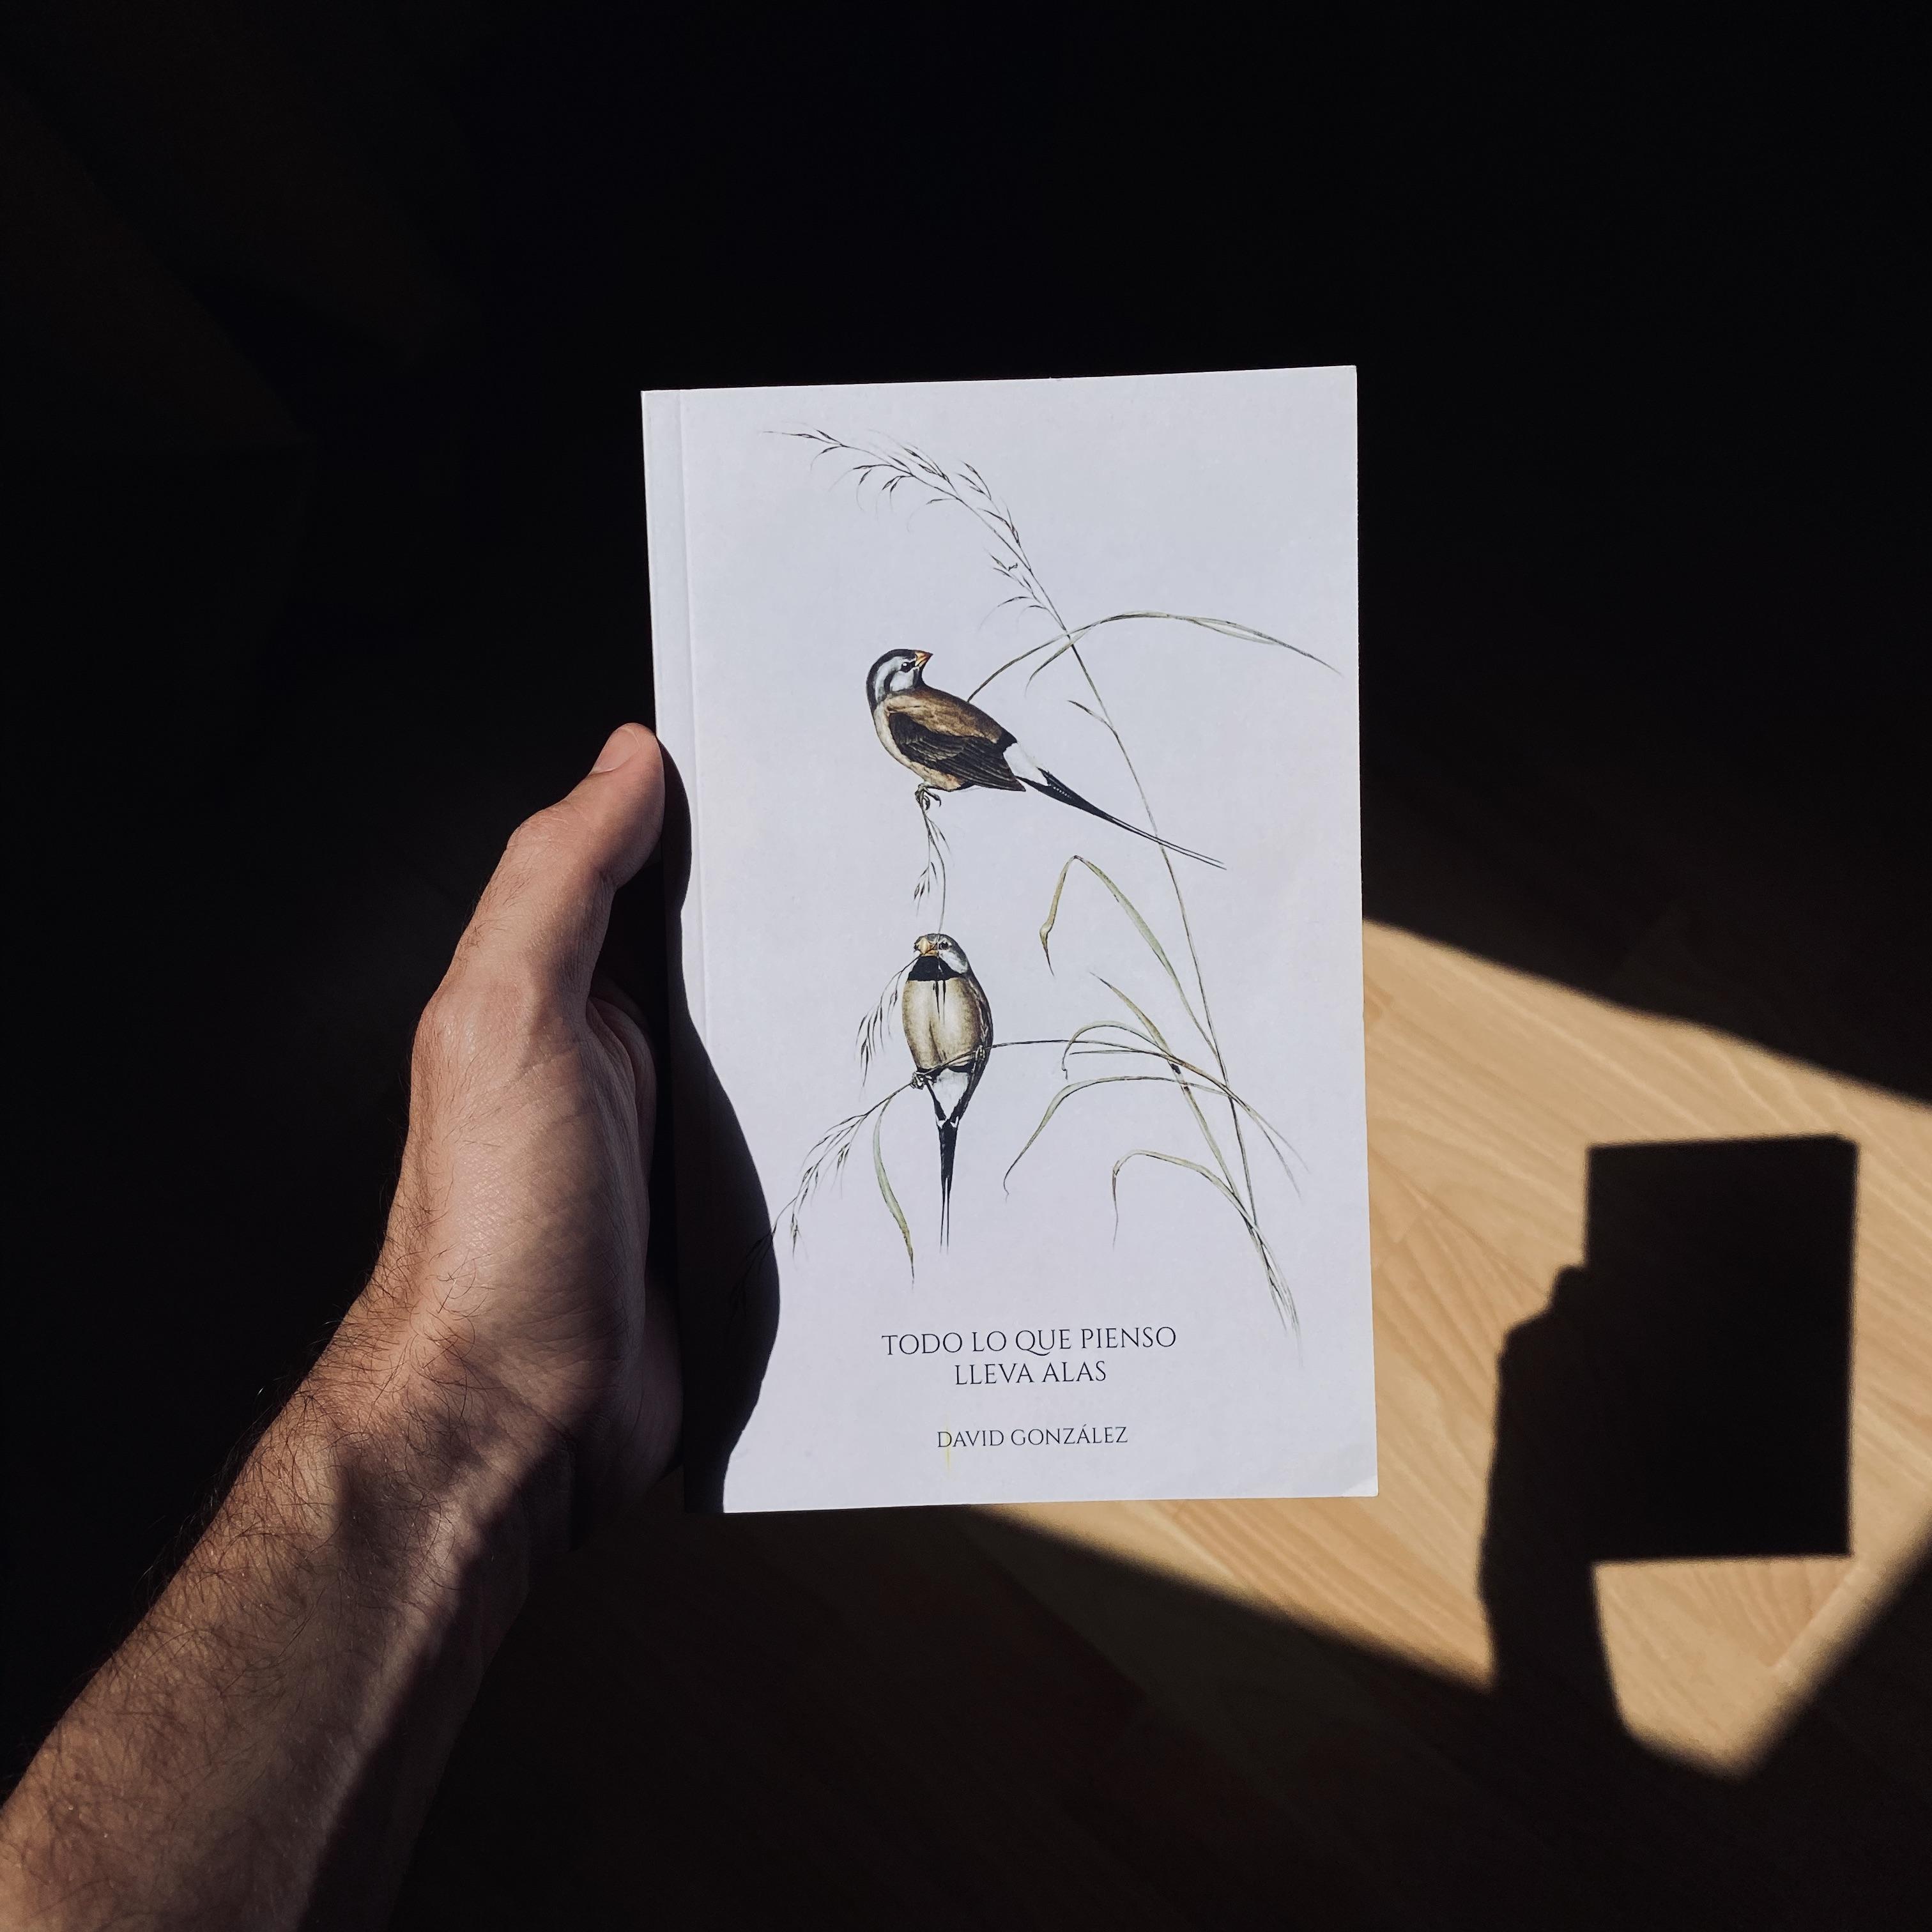 David González narra la libertad encuarentena en su nuevo poemario